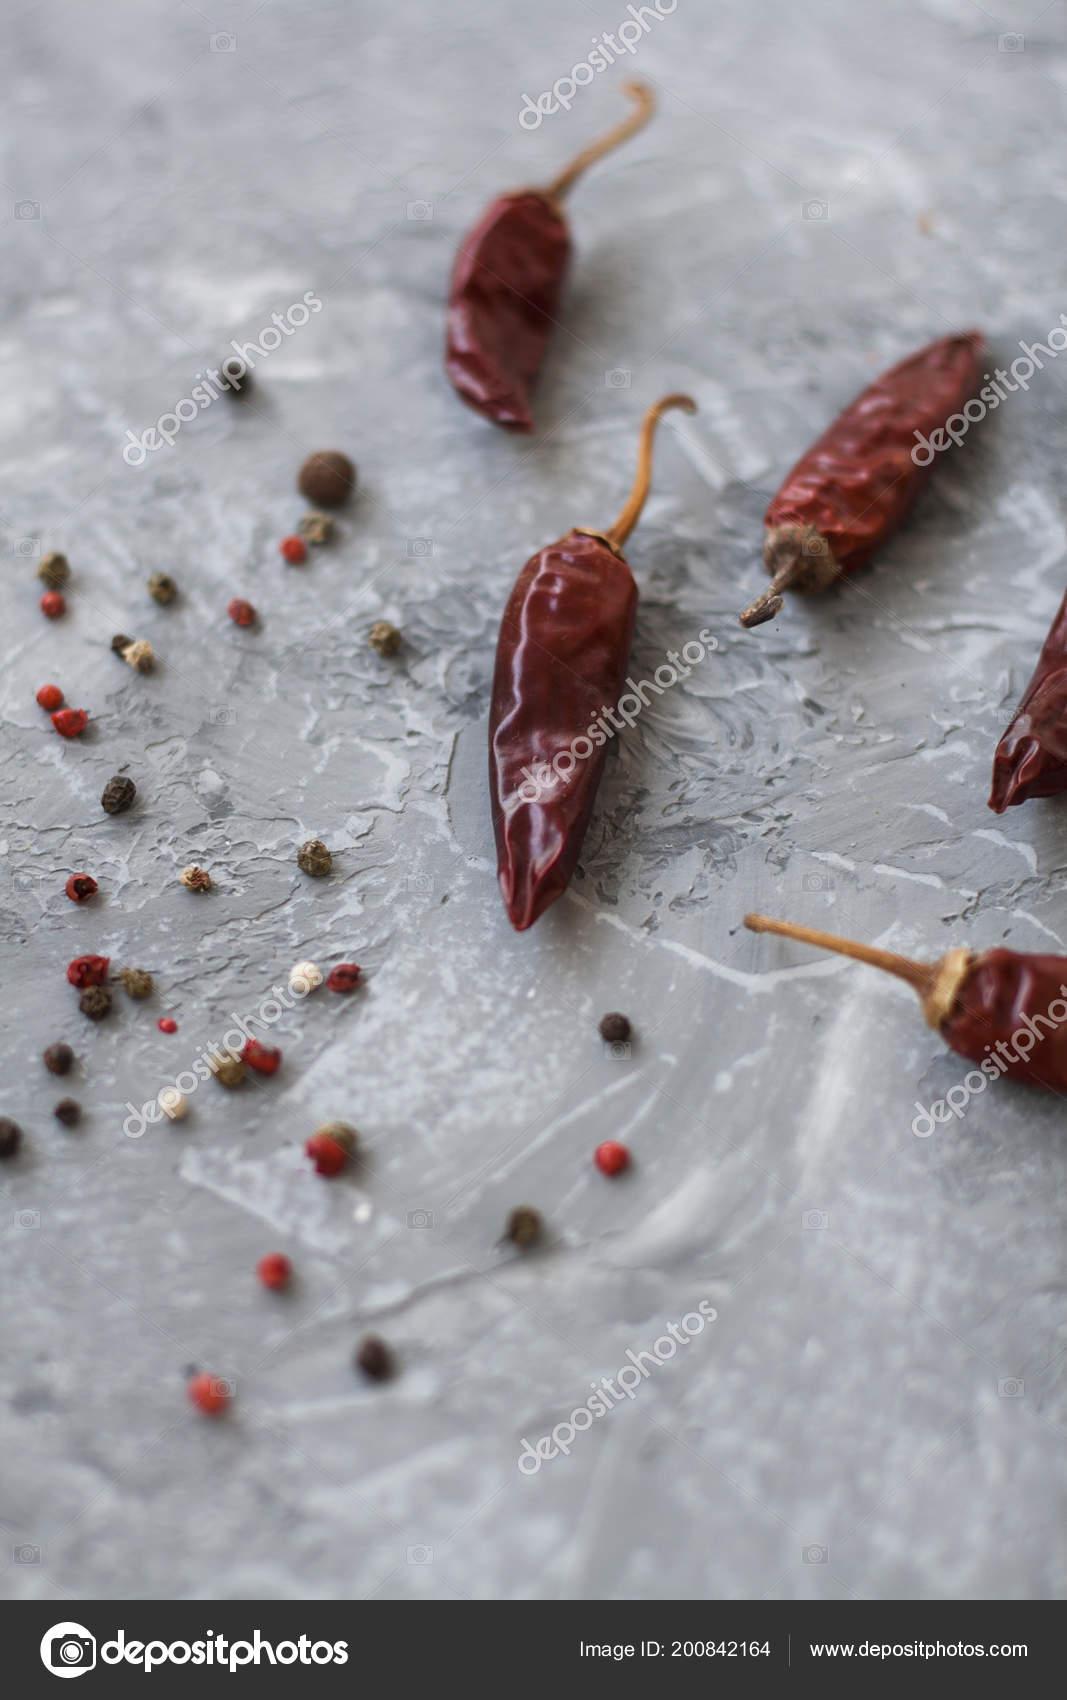 Kırmızı Sivri Biber Tahıl Bir Vintage Gri Arka Plan üzerine Stok